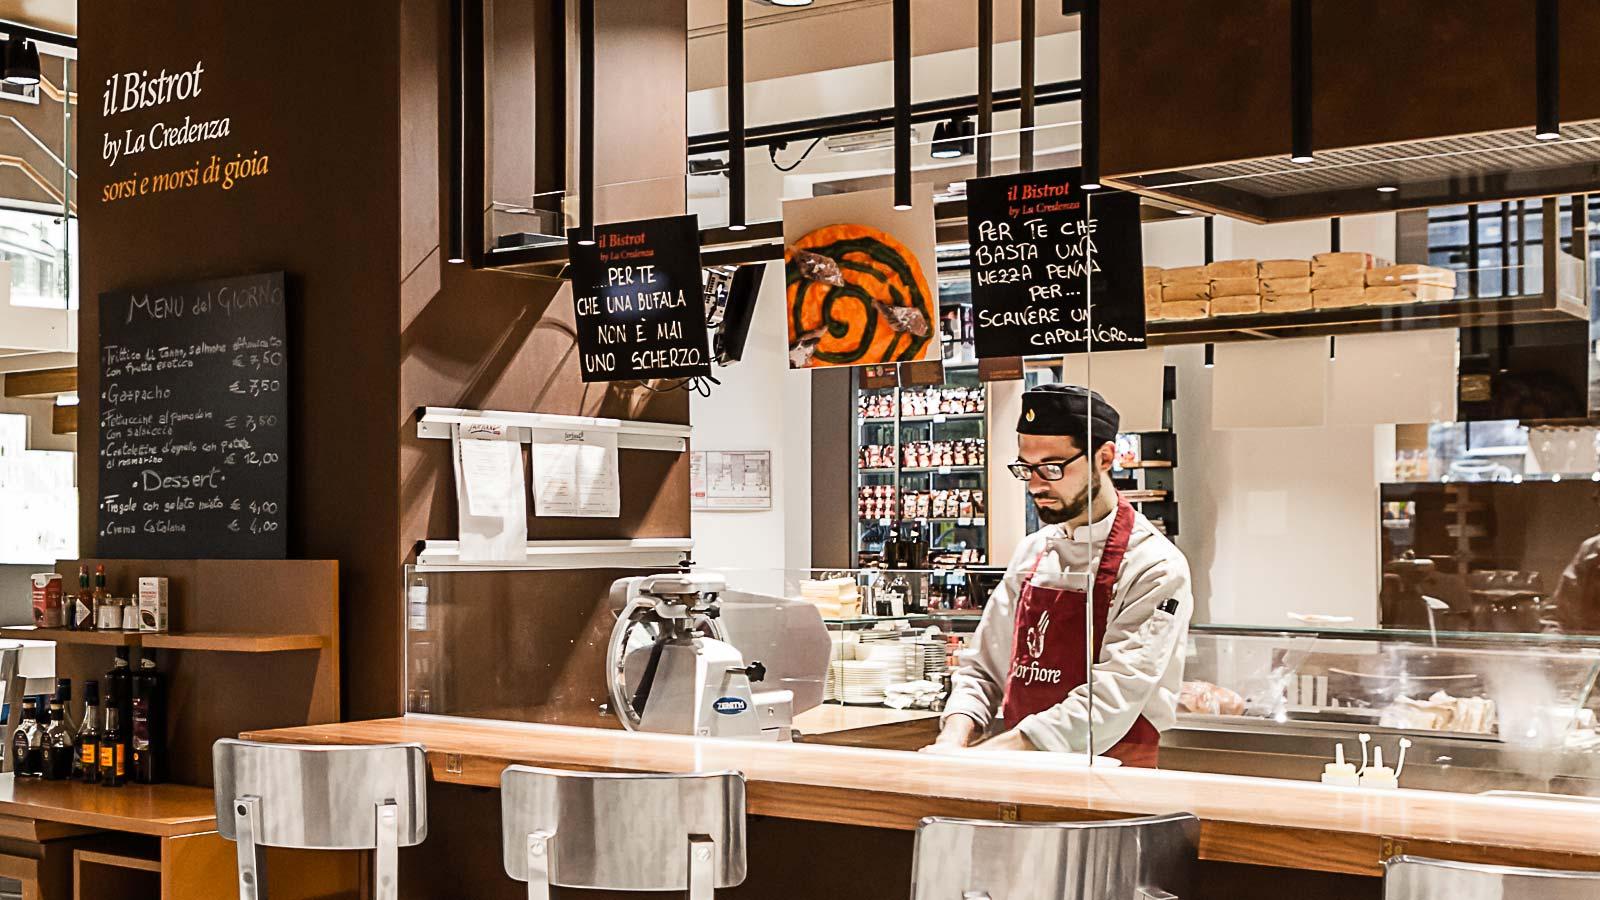 Ristorante La Credenza Galleria San Federico : Fiorfood bistrot osteria e piccolo caffè nel centro di torino